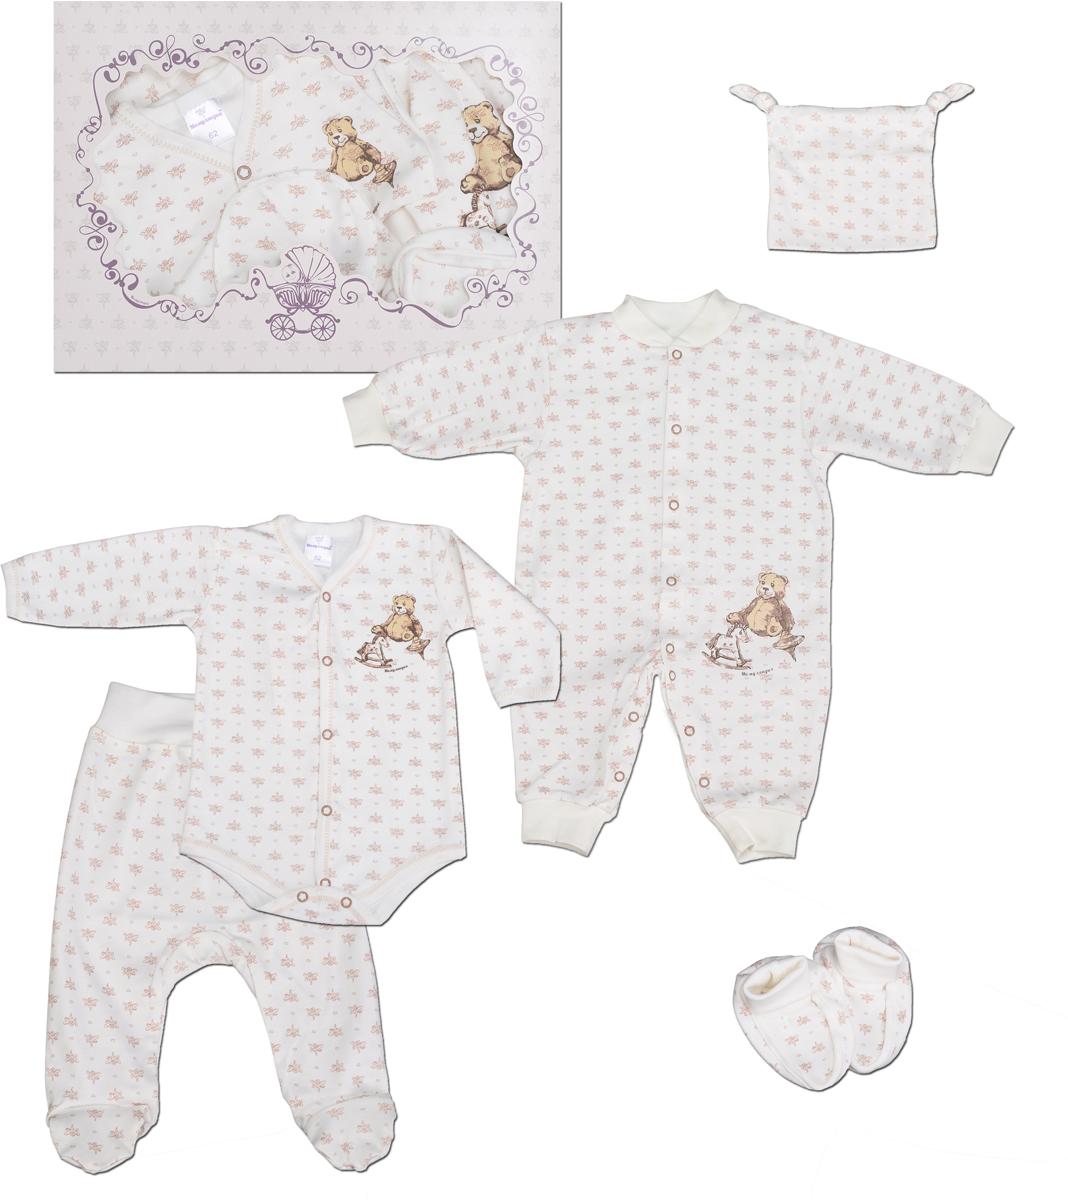 Комплект одежды детский Мамуляндия, цвет: бежевый, 5 предметов. 15-5009. Размер 74 комбинезон ползунки боди mil